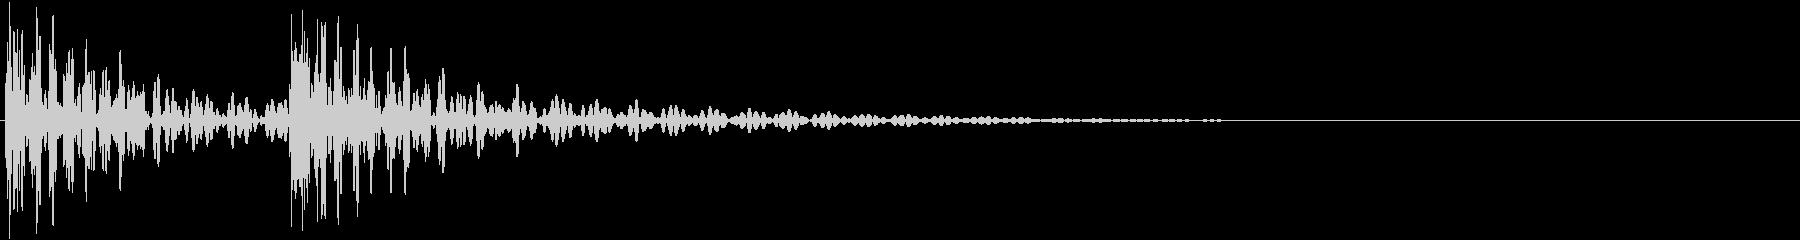 ポンポン(アクセント・太鼓で場面転換)の未再生の波形